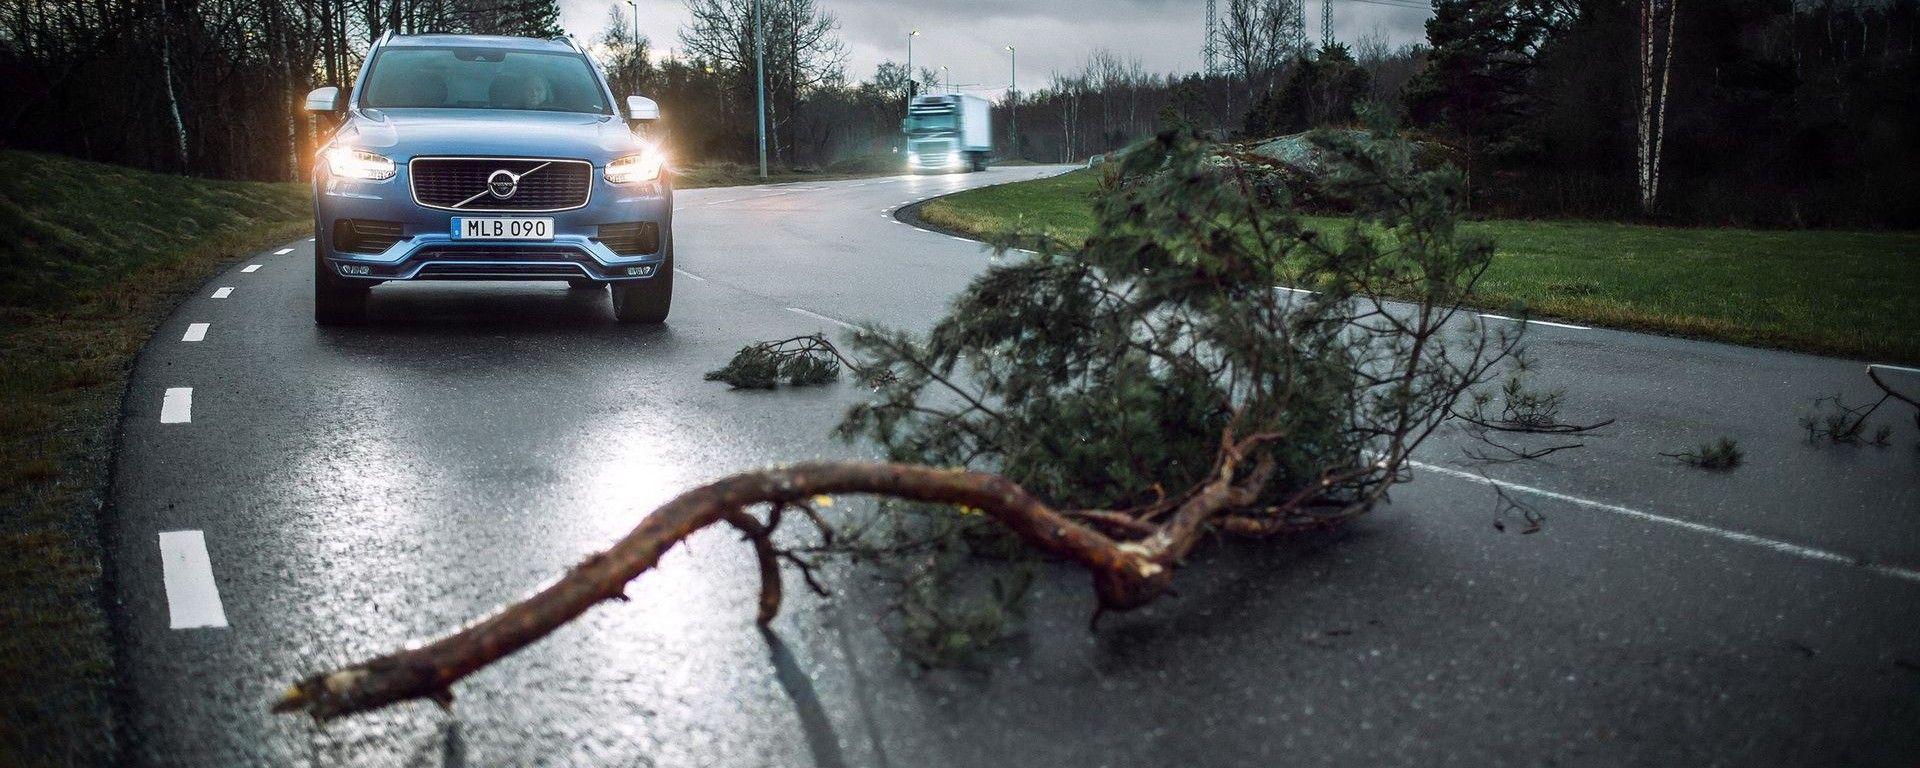 Volvo: le luci di emergenza attivano un avviso automatico trasmesso via cloud